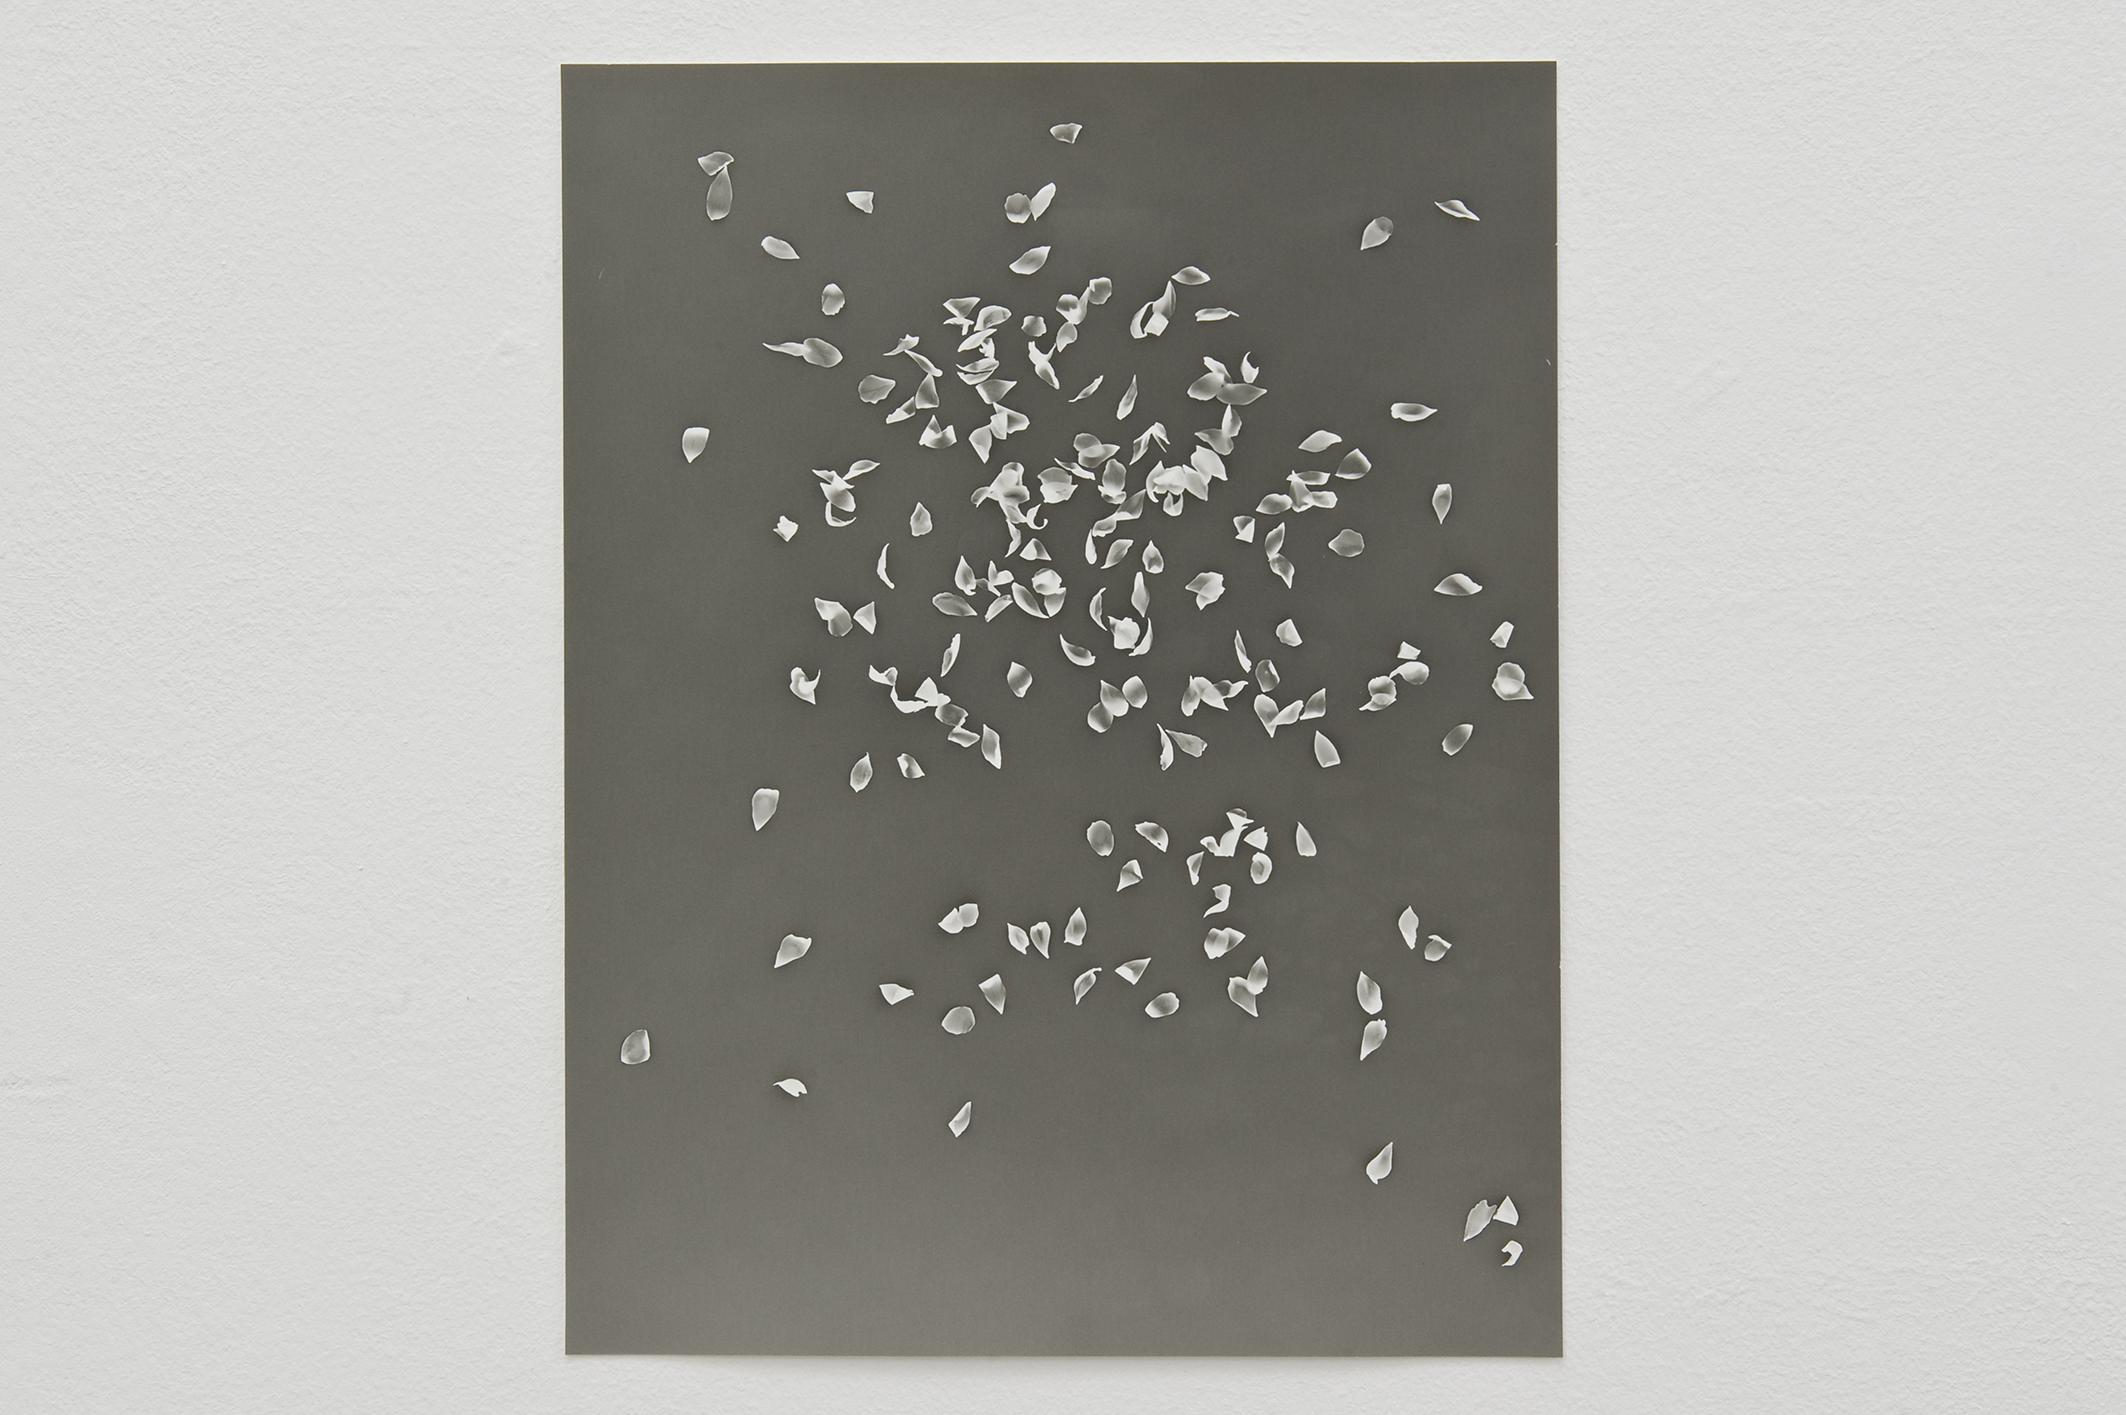 Cherry Blossoms II, 2014 | Jochen Lempert | ProjecteSD